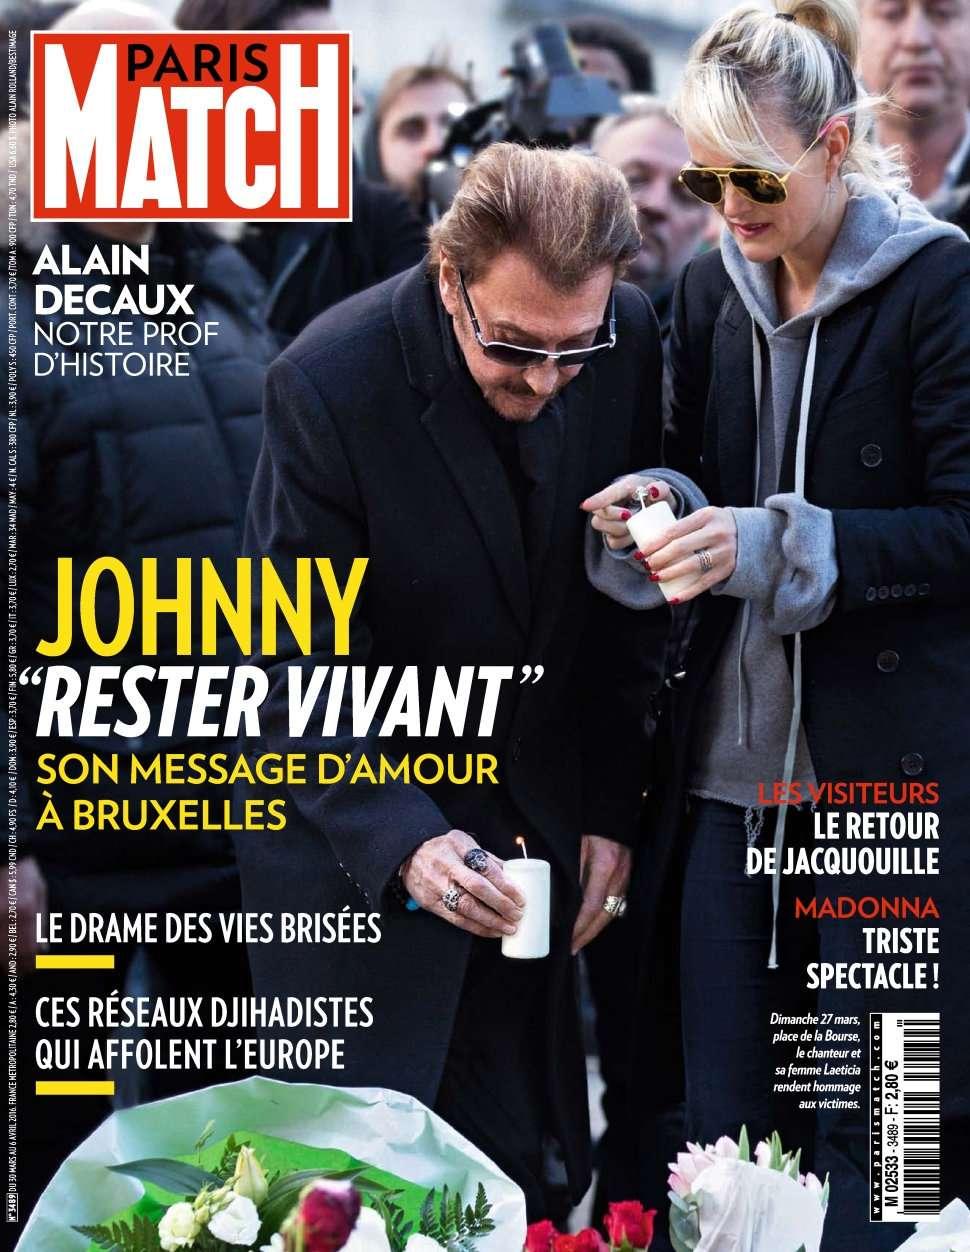 Paris Match 3489 - 30 Mars au 6 Avril 2016